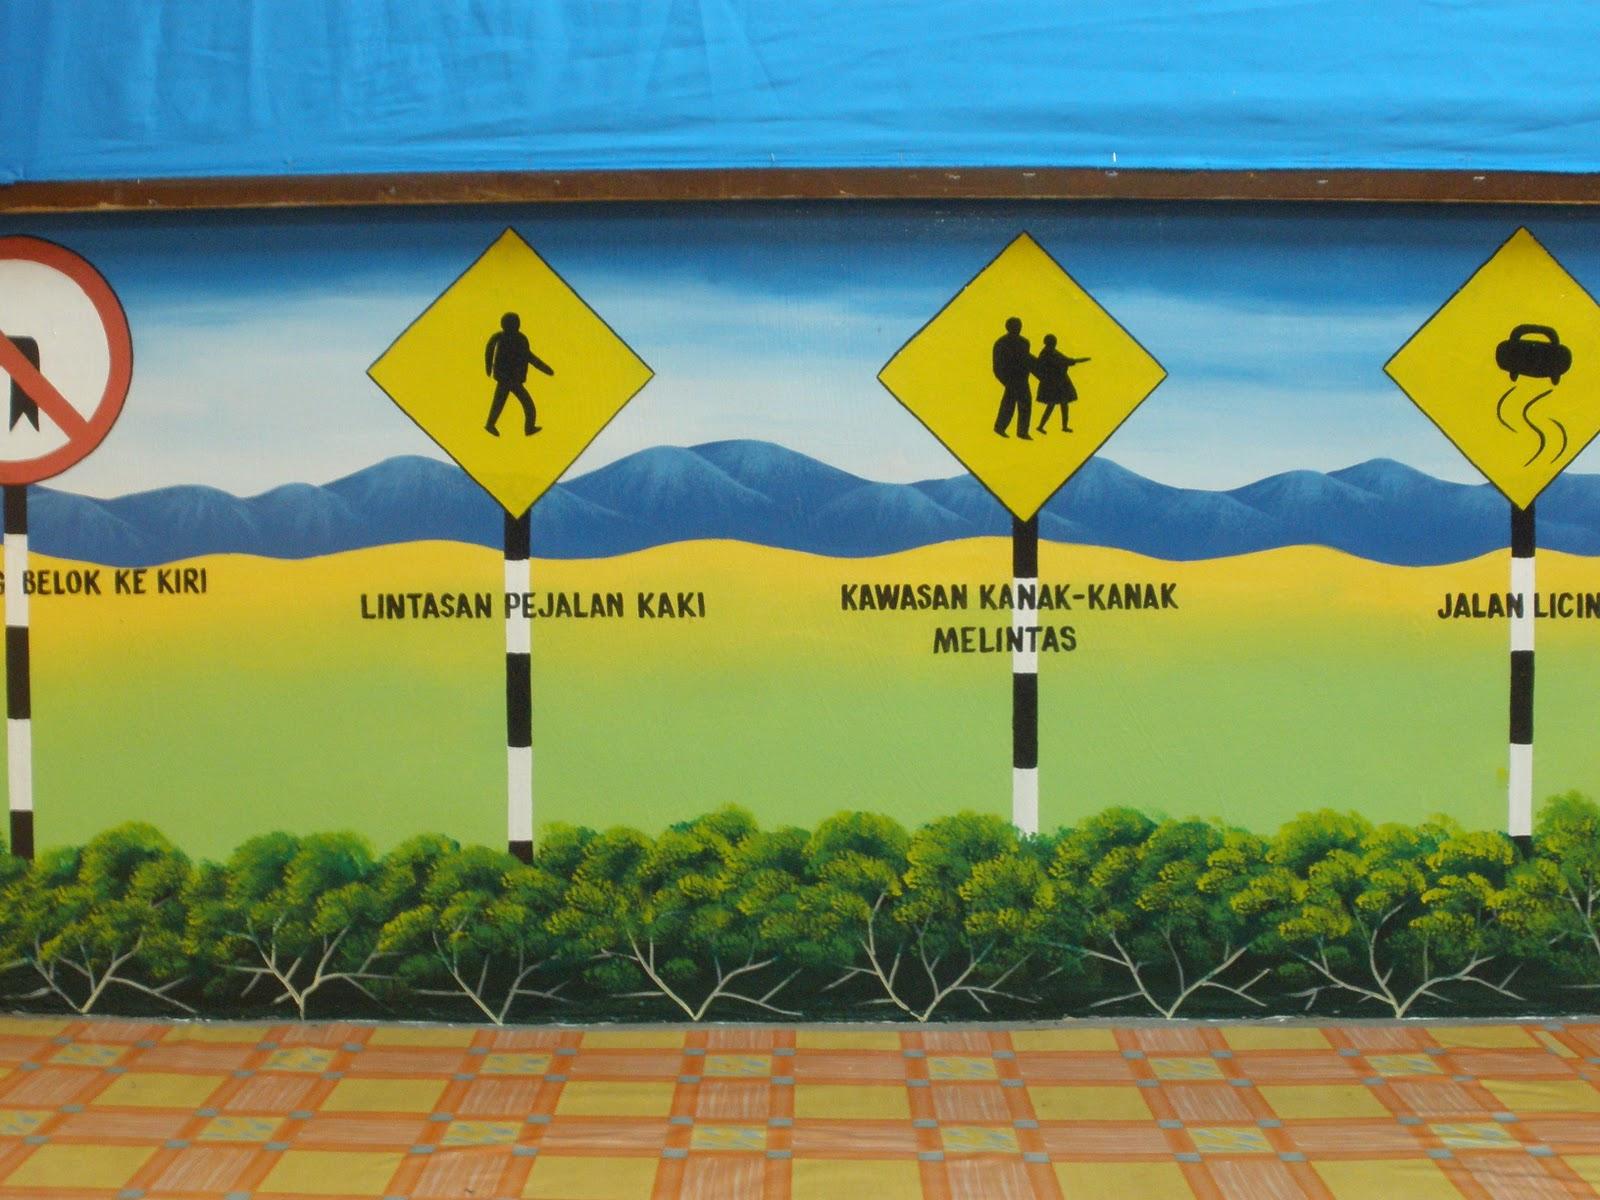 Examples Of Mural Painting Of Mural Art Cetusan Idea Sample Image Mural Logo Visi